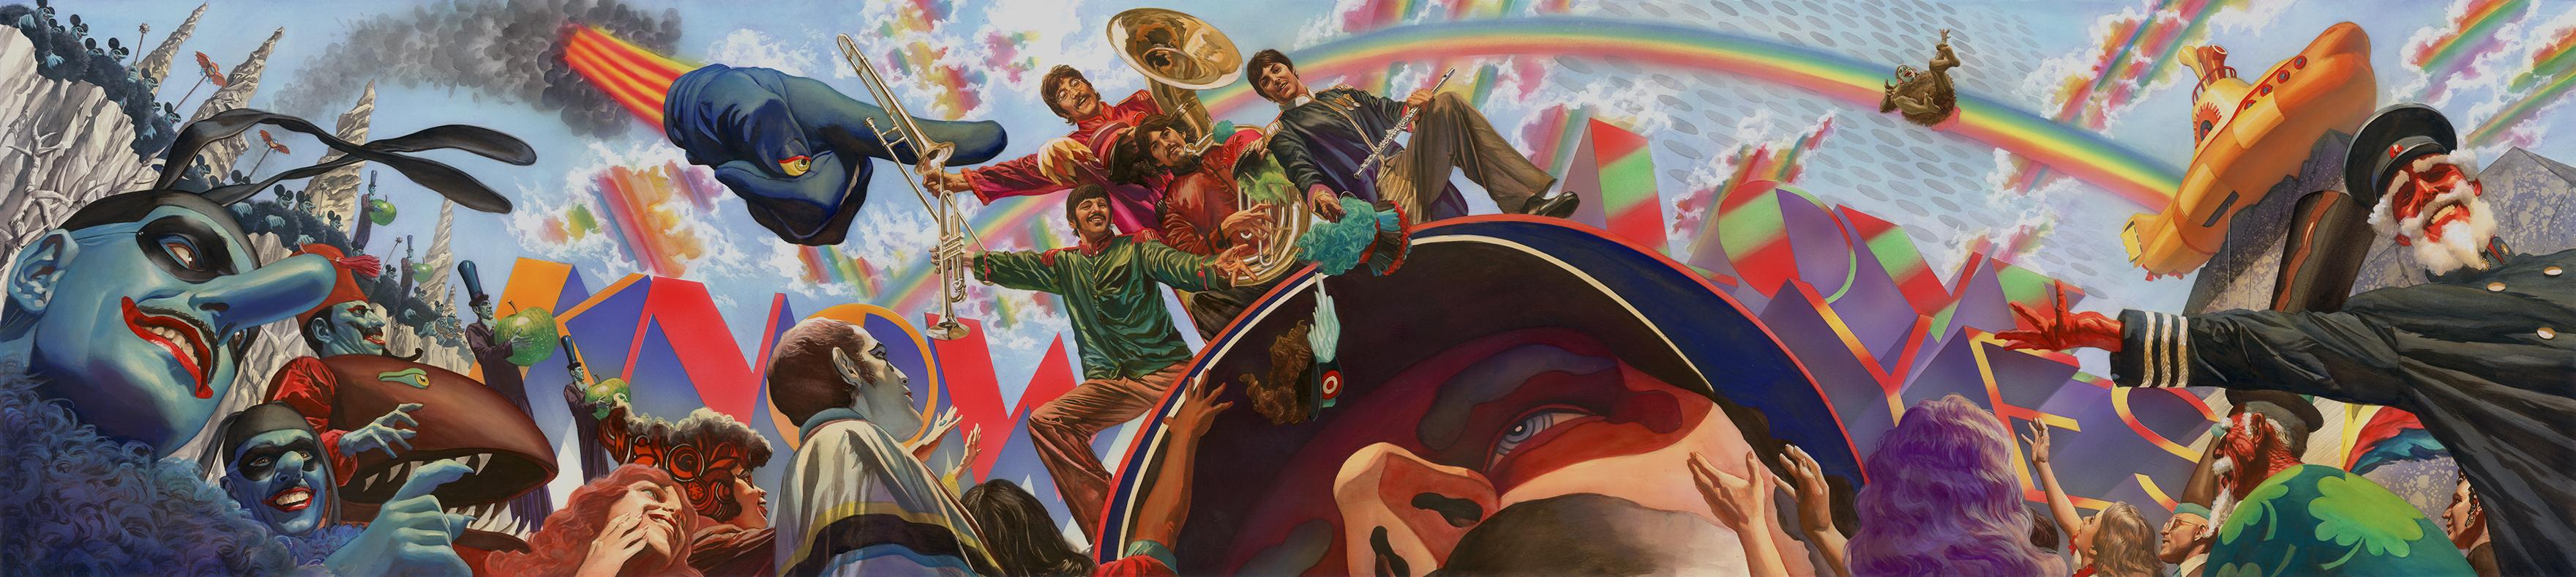 See Comic Book Artist Alex Ross' Official Beatles Artwork